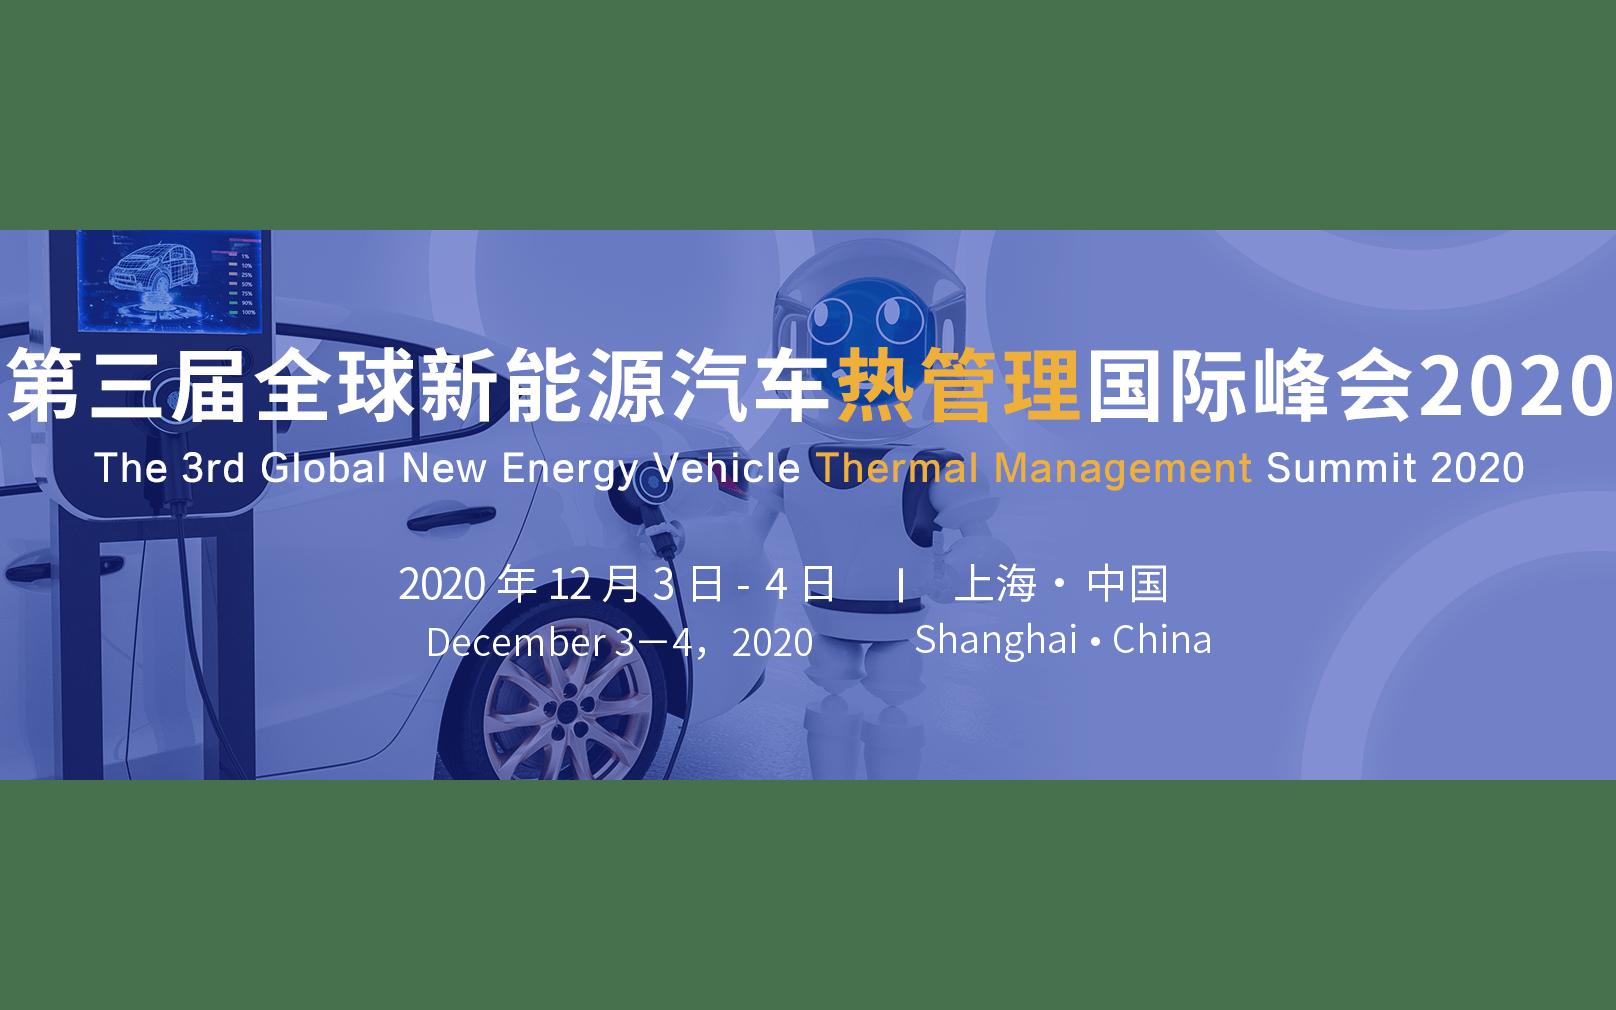 第三届全球新能源汽车热管理国际峰会2020